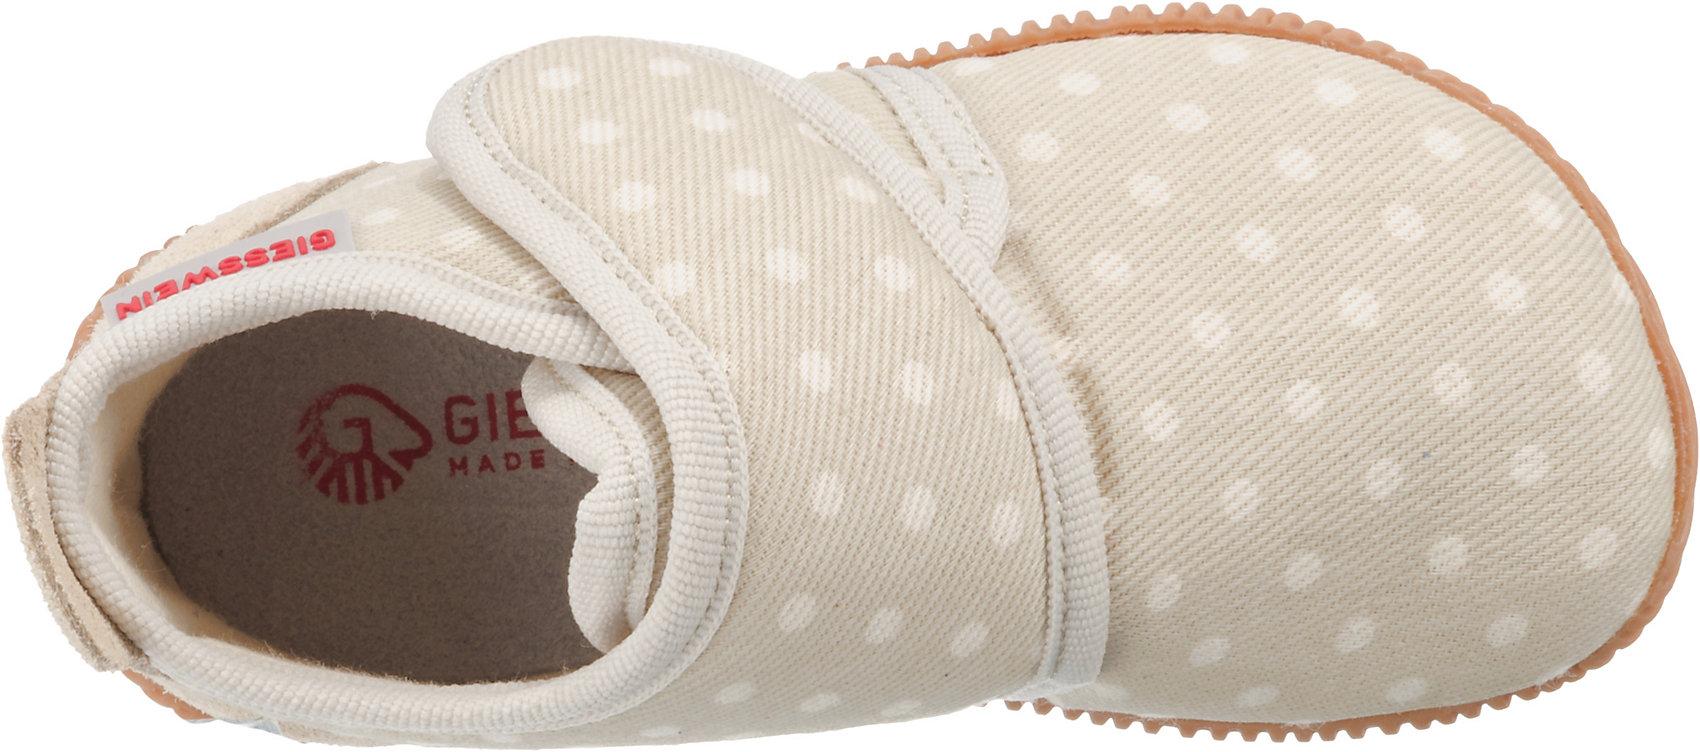 Neu Giesswein Baby Hausschuhe STANS SLIM FIT für Mädchen 9393364 für Mädchen